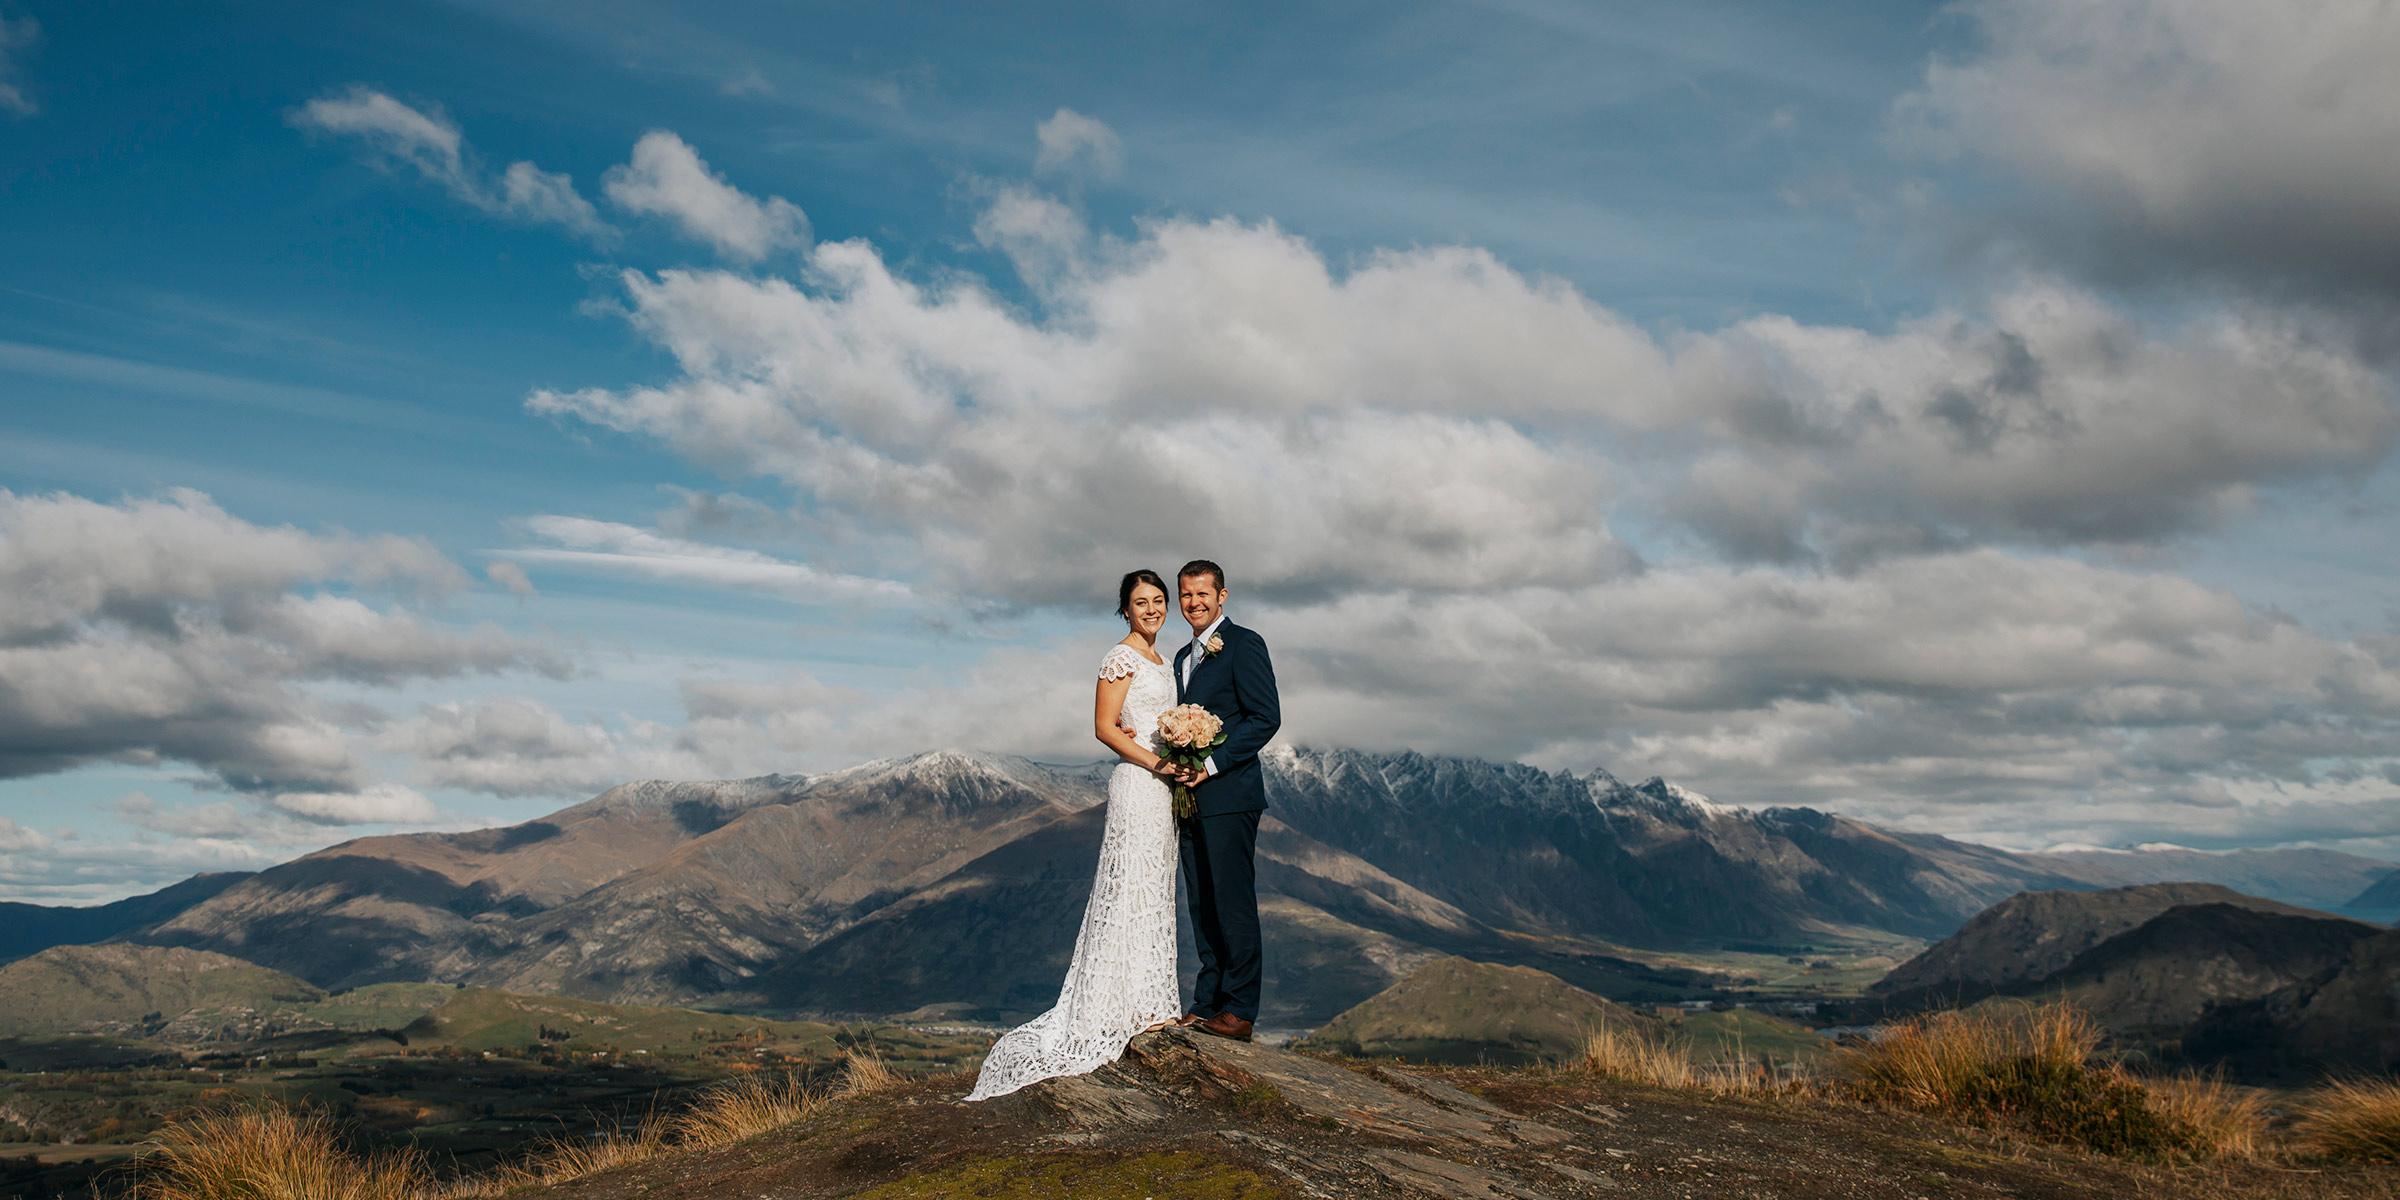 Coronet Peak Wedding package